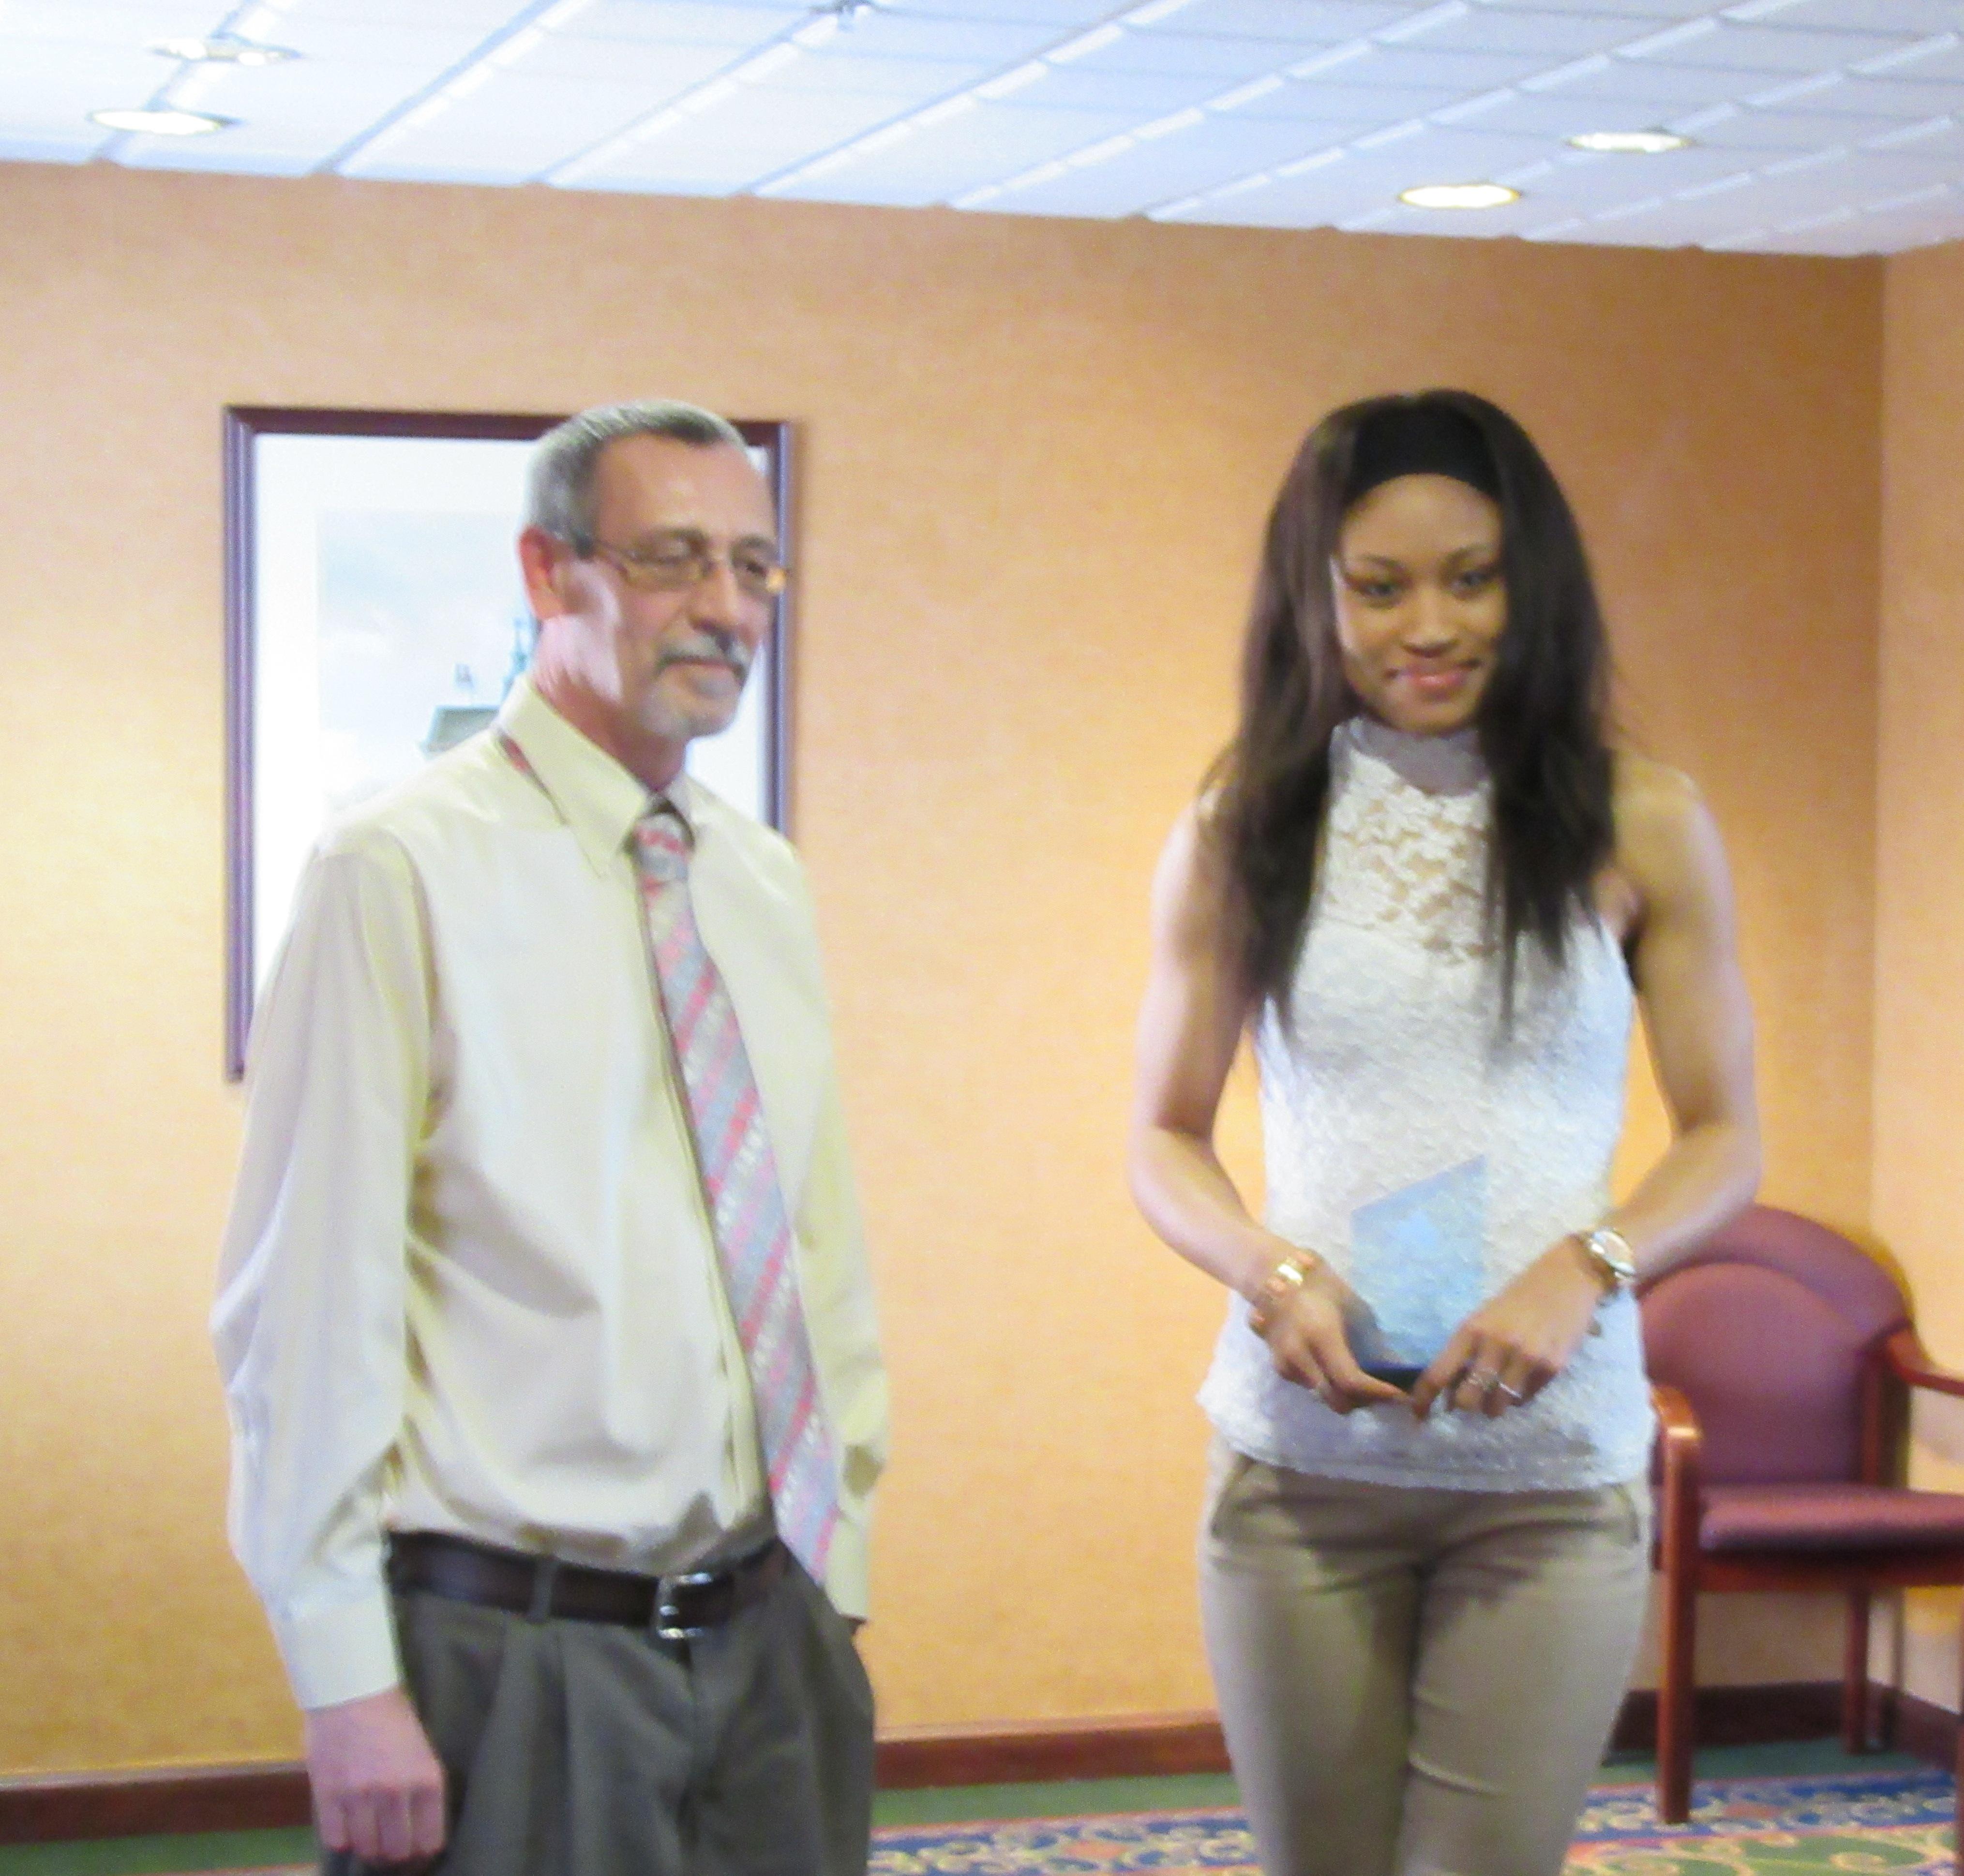 Dr. Sheets and Tiara Cross